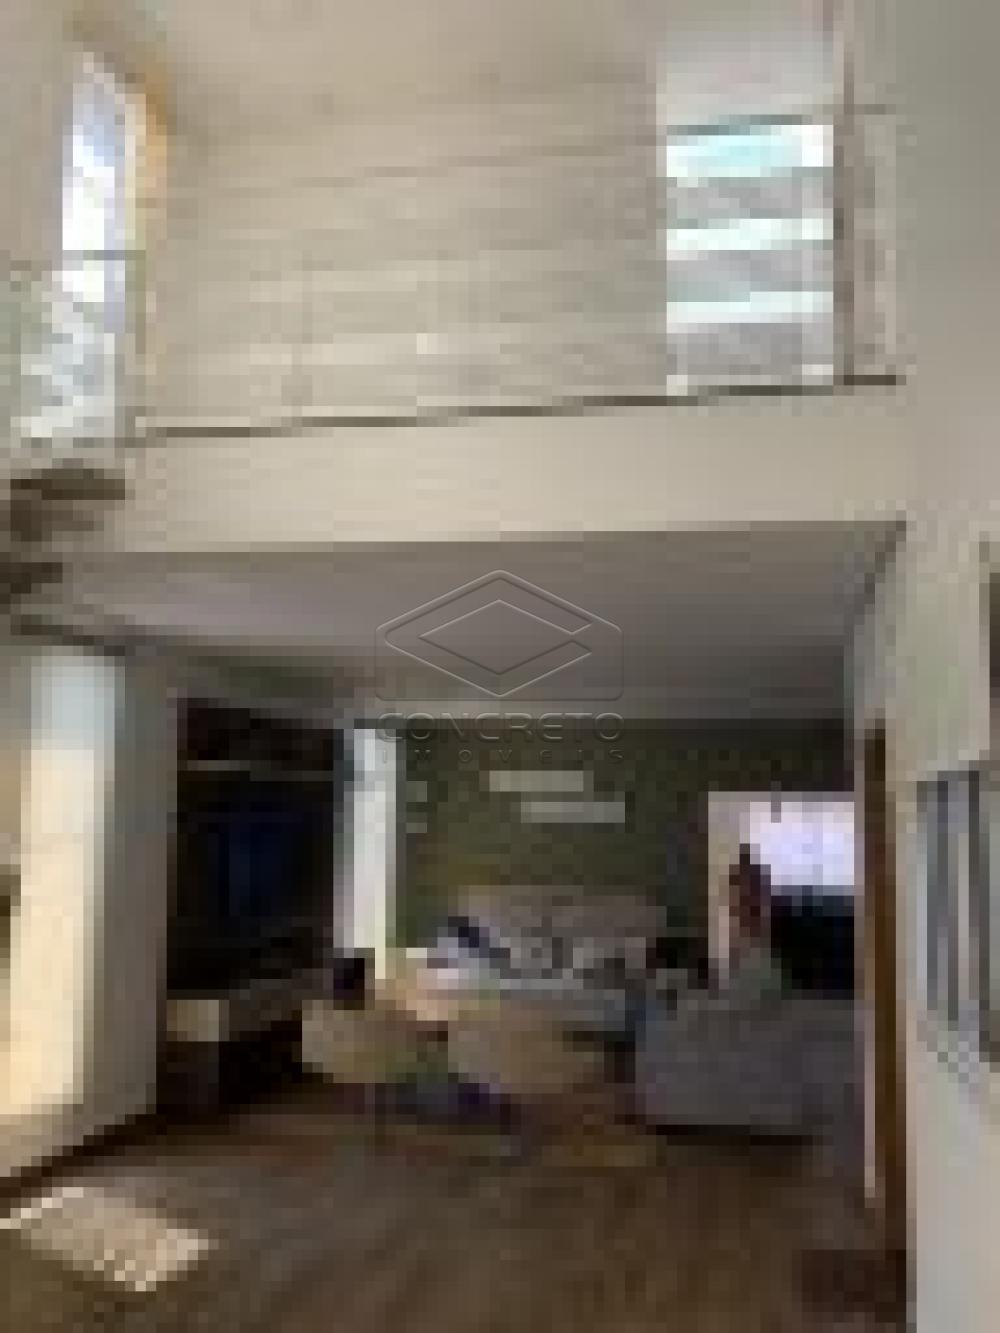 Comprar Casa / Padrão em Sao Manuel apenas R$ 650.000,00 - Foto 123